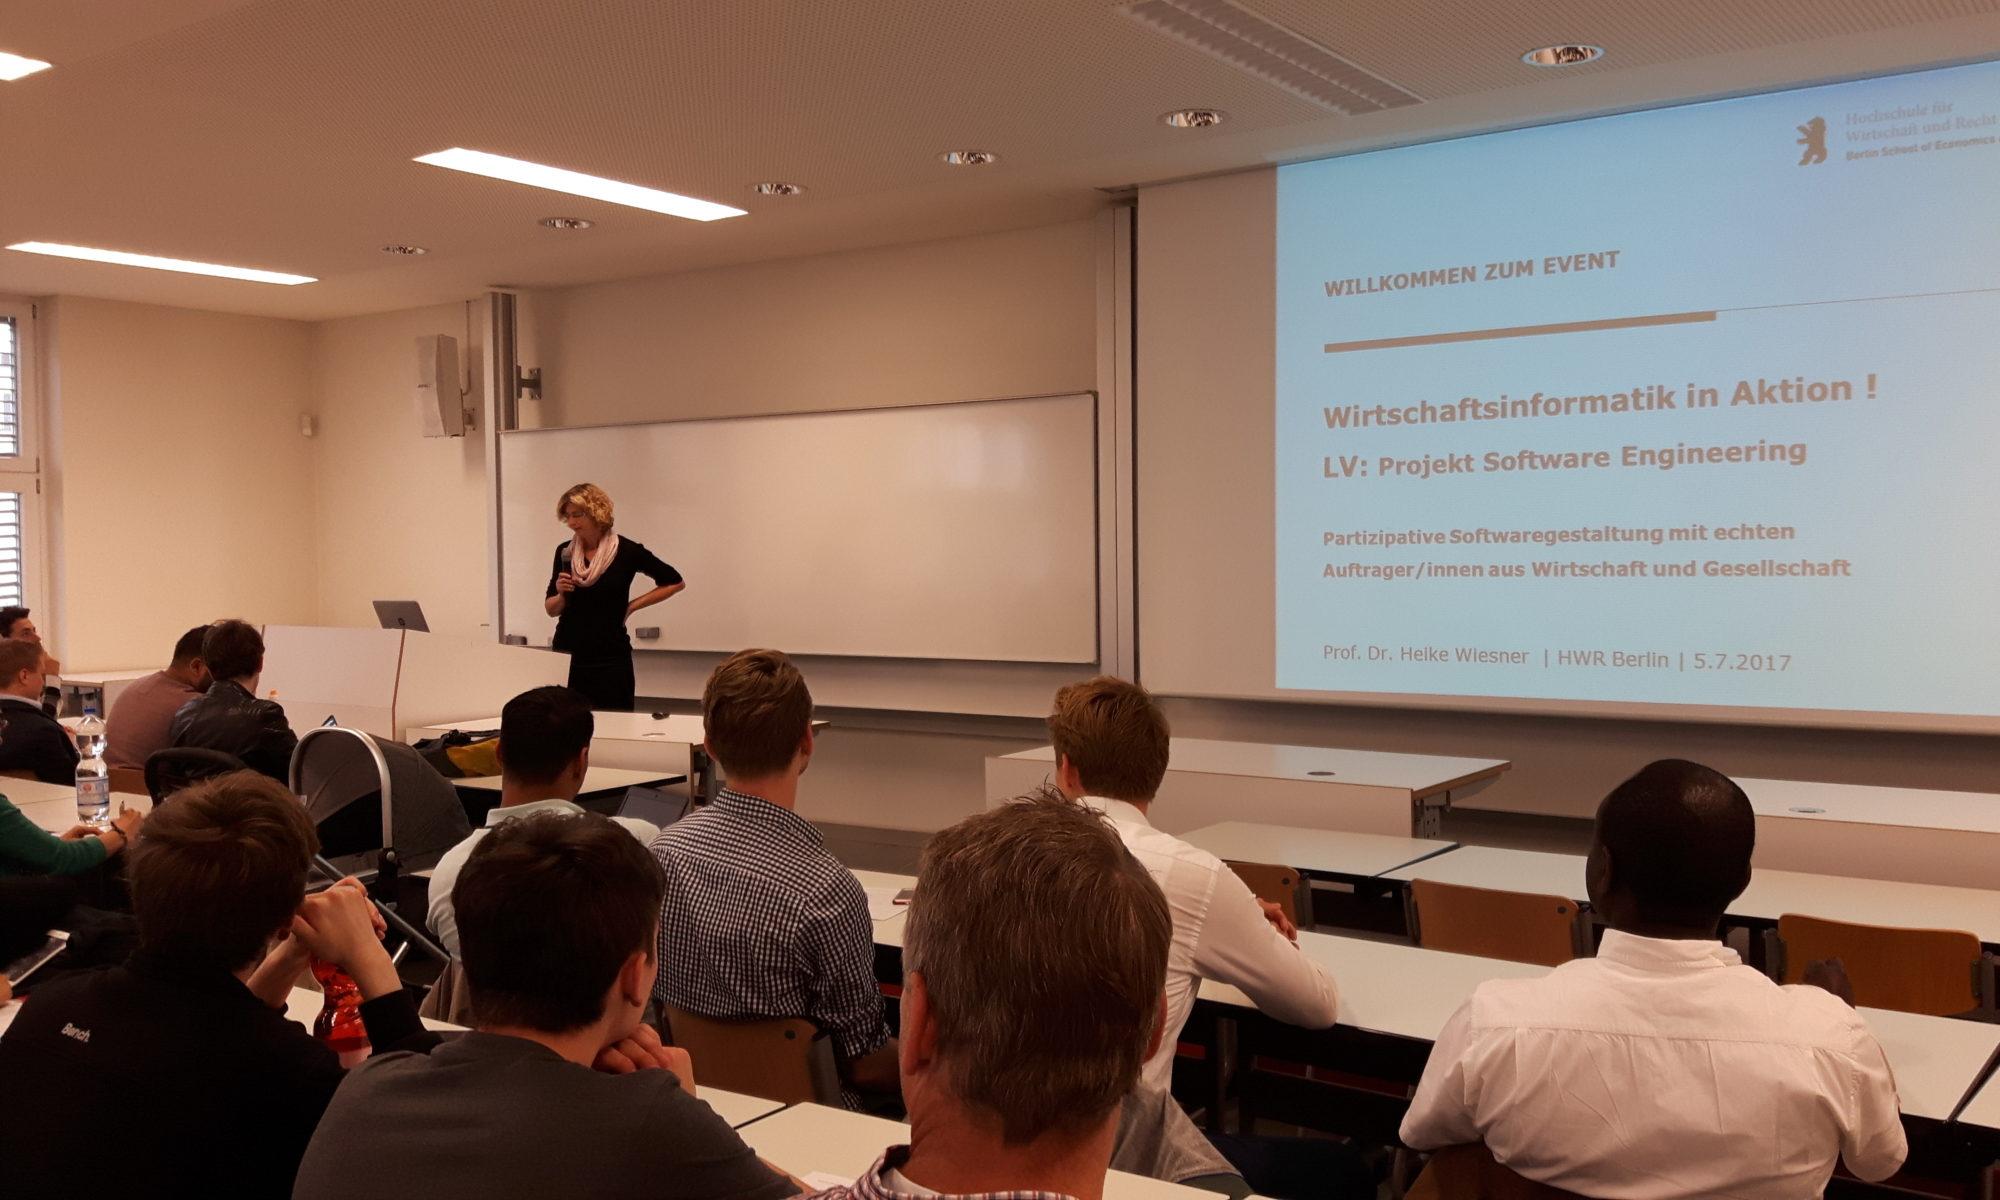 Prof. Dr. Heike Wiesner